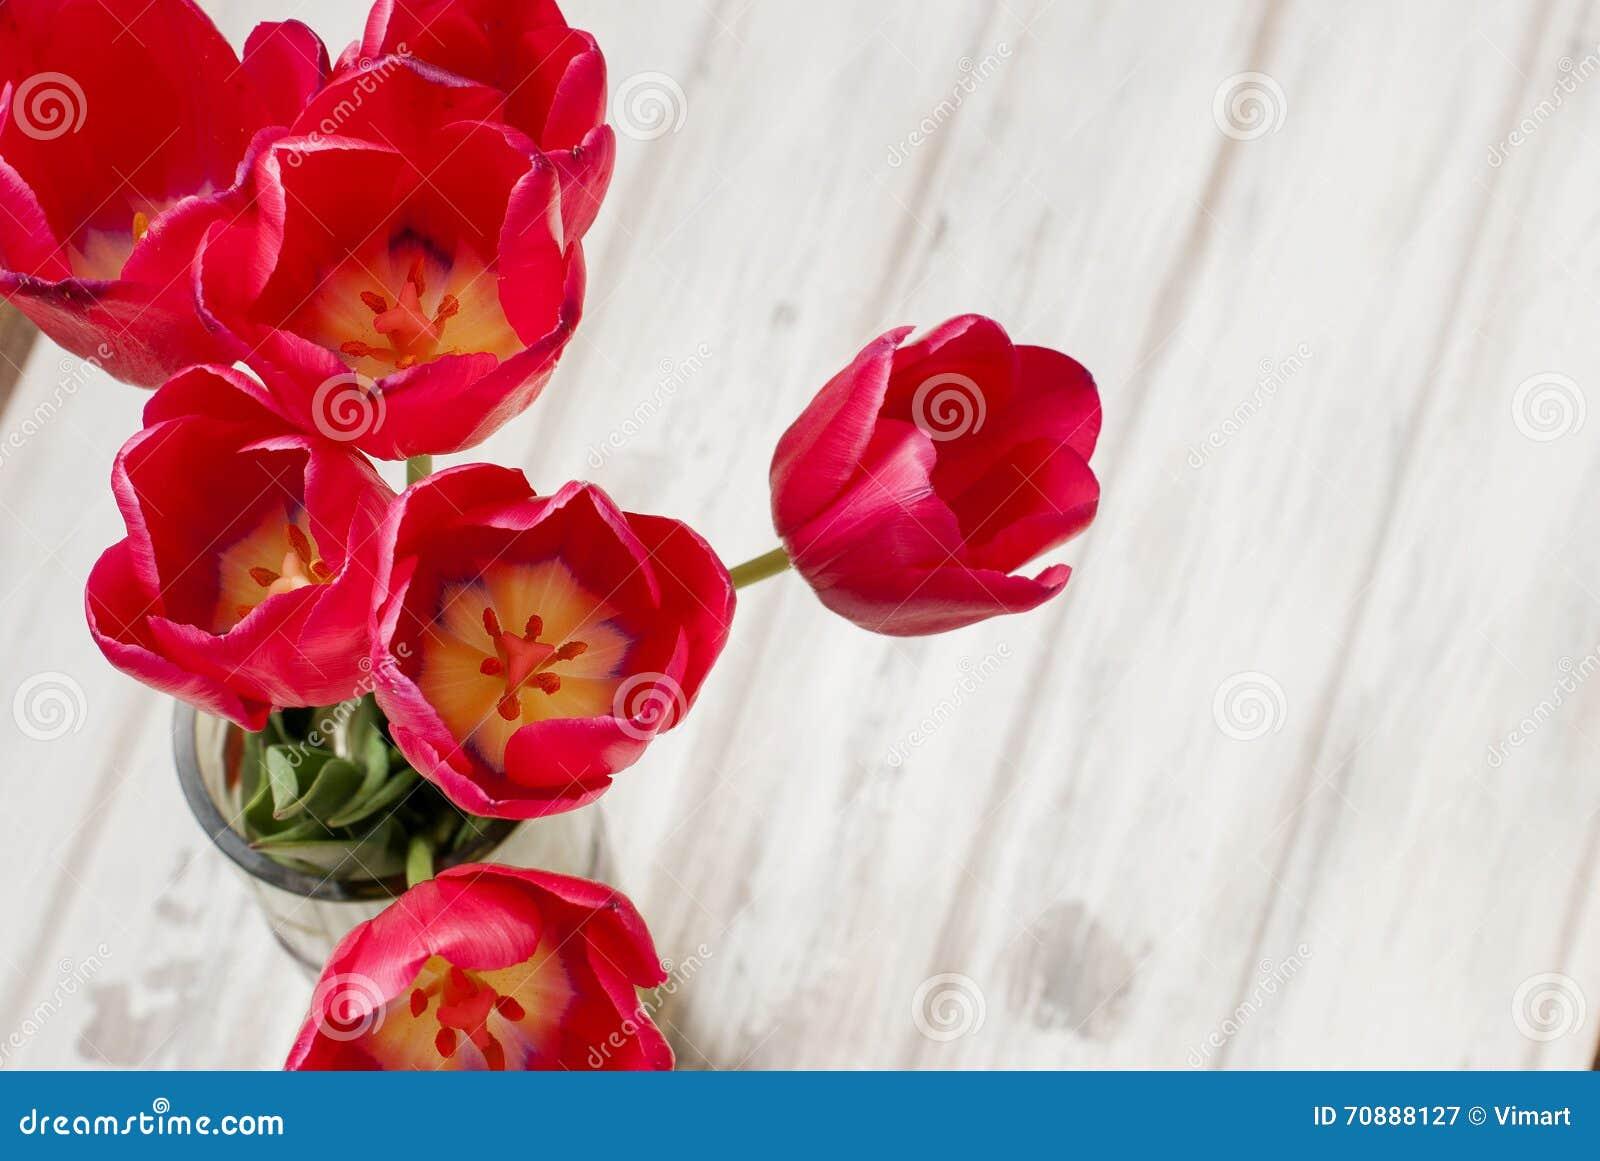 De lente bloeit de rode vaas van tulpenina